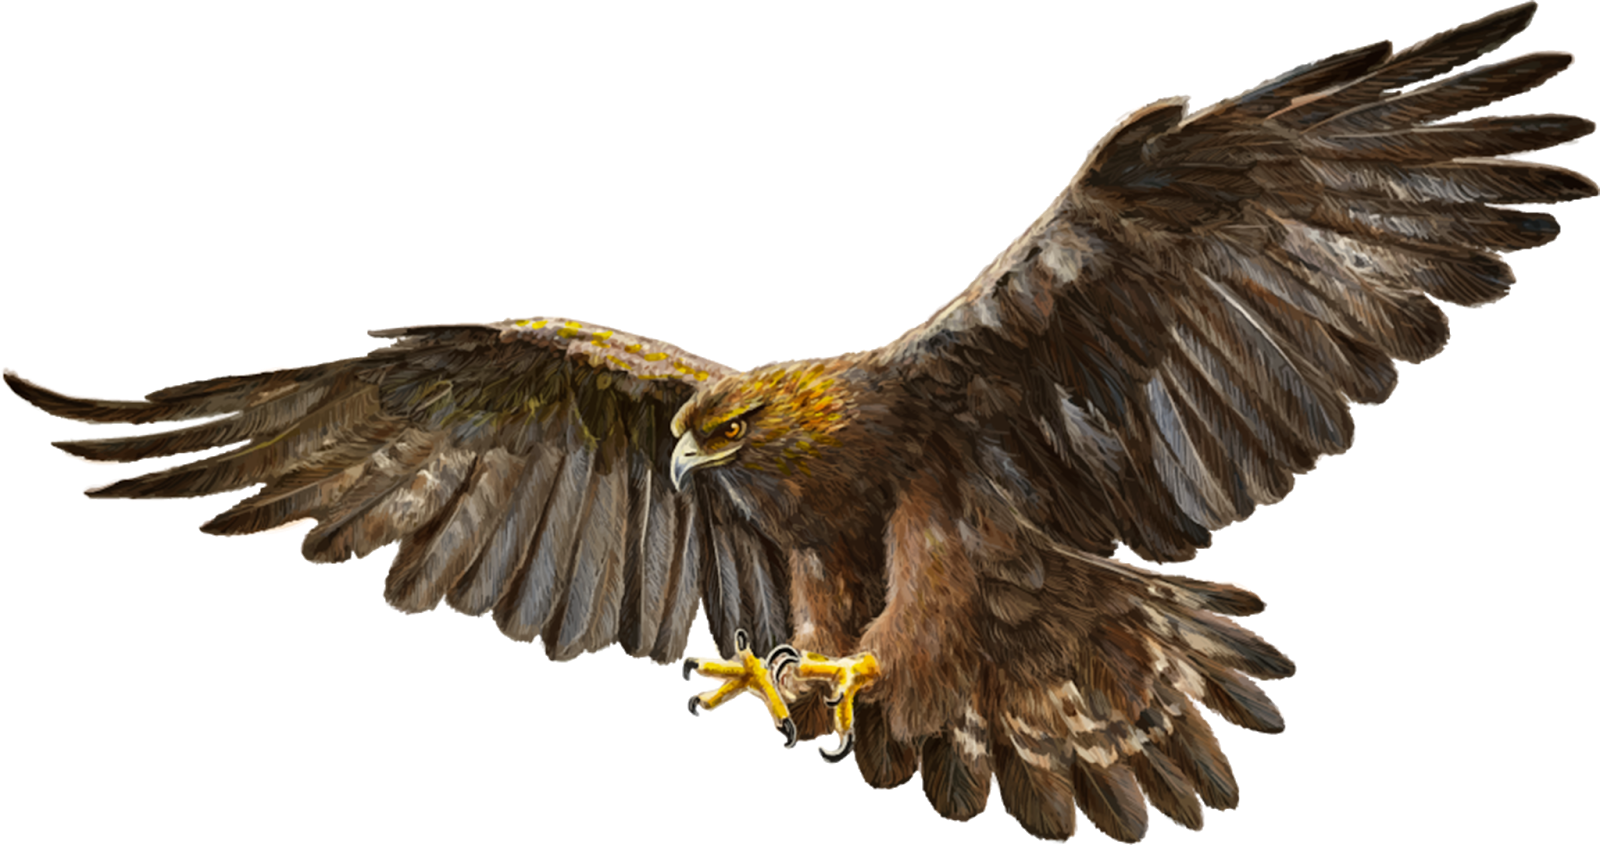 Imagens PNG Águias (Eagles PNG) | Imagens para photoshop